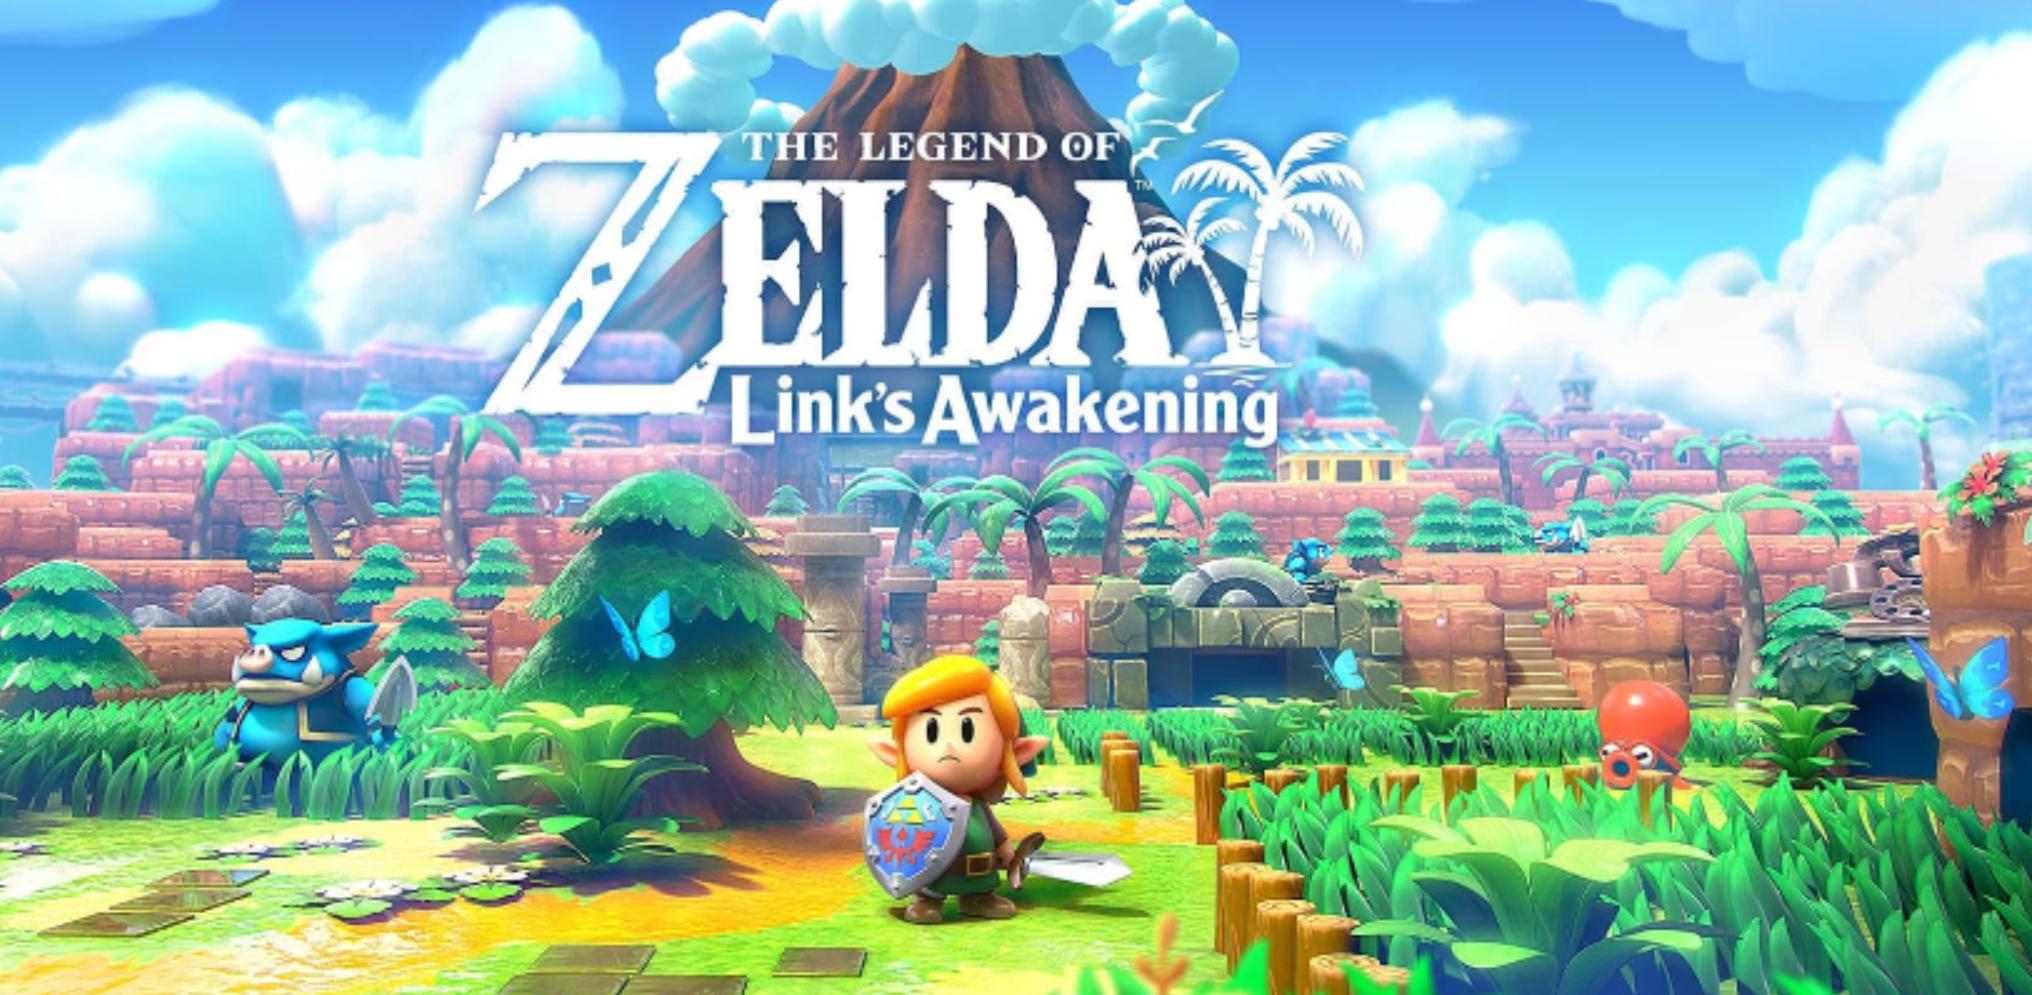 Link's Awakening Remake Release Date Confirmed